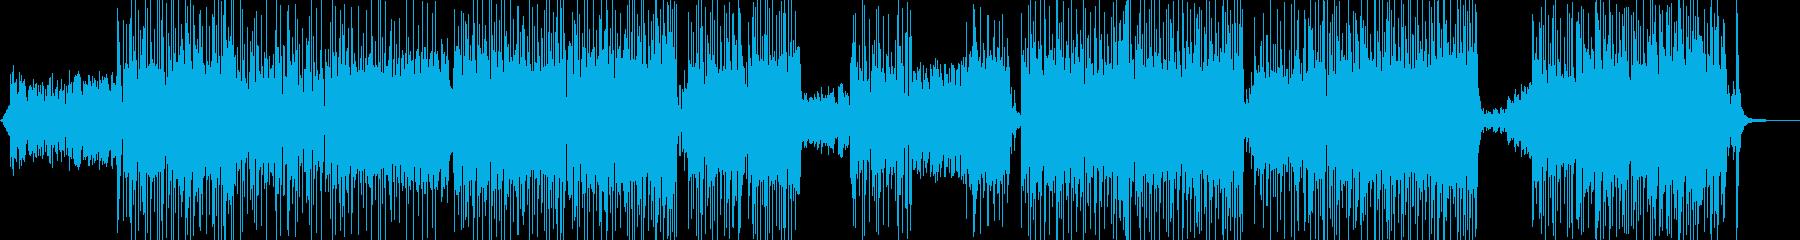 胸キュン・メルヘンな映像に 長尺★+の再生済みの波形